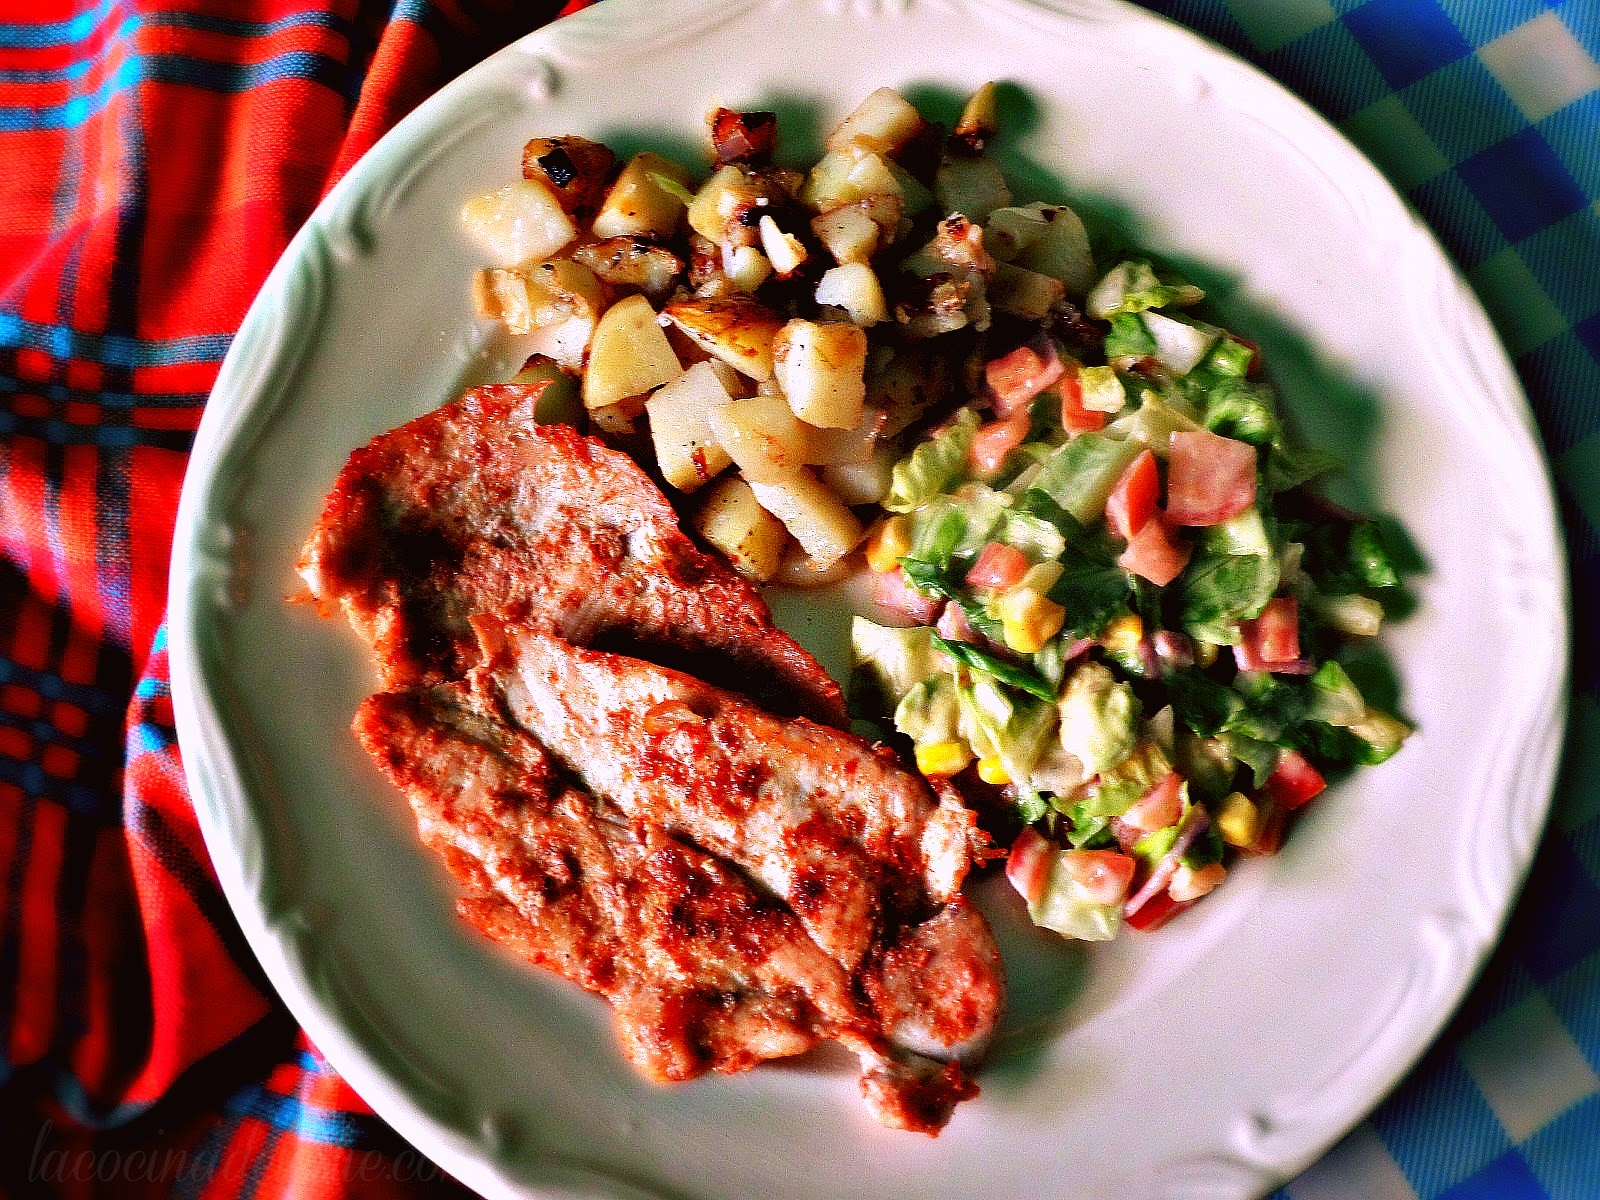 Pollo a la plancha con papas sancochadas - lacocinadeleslie.com